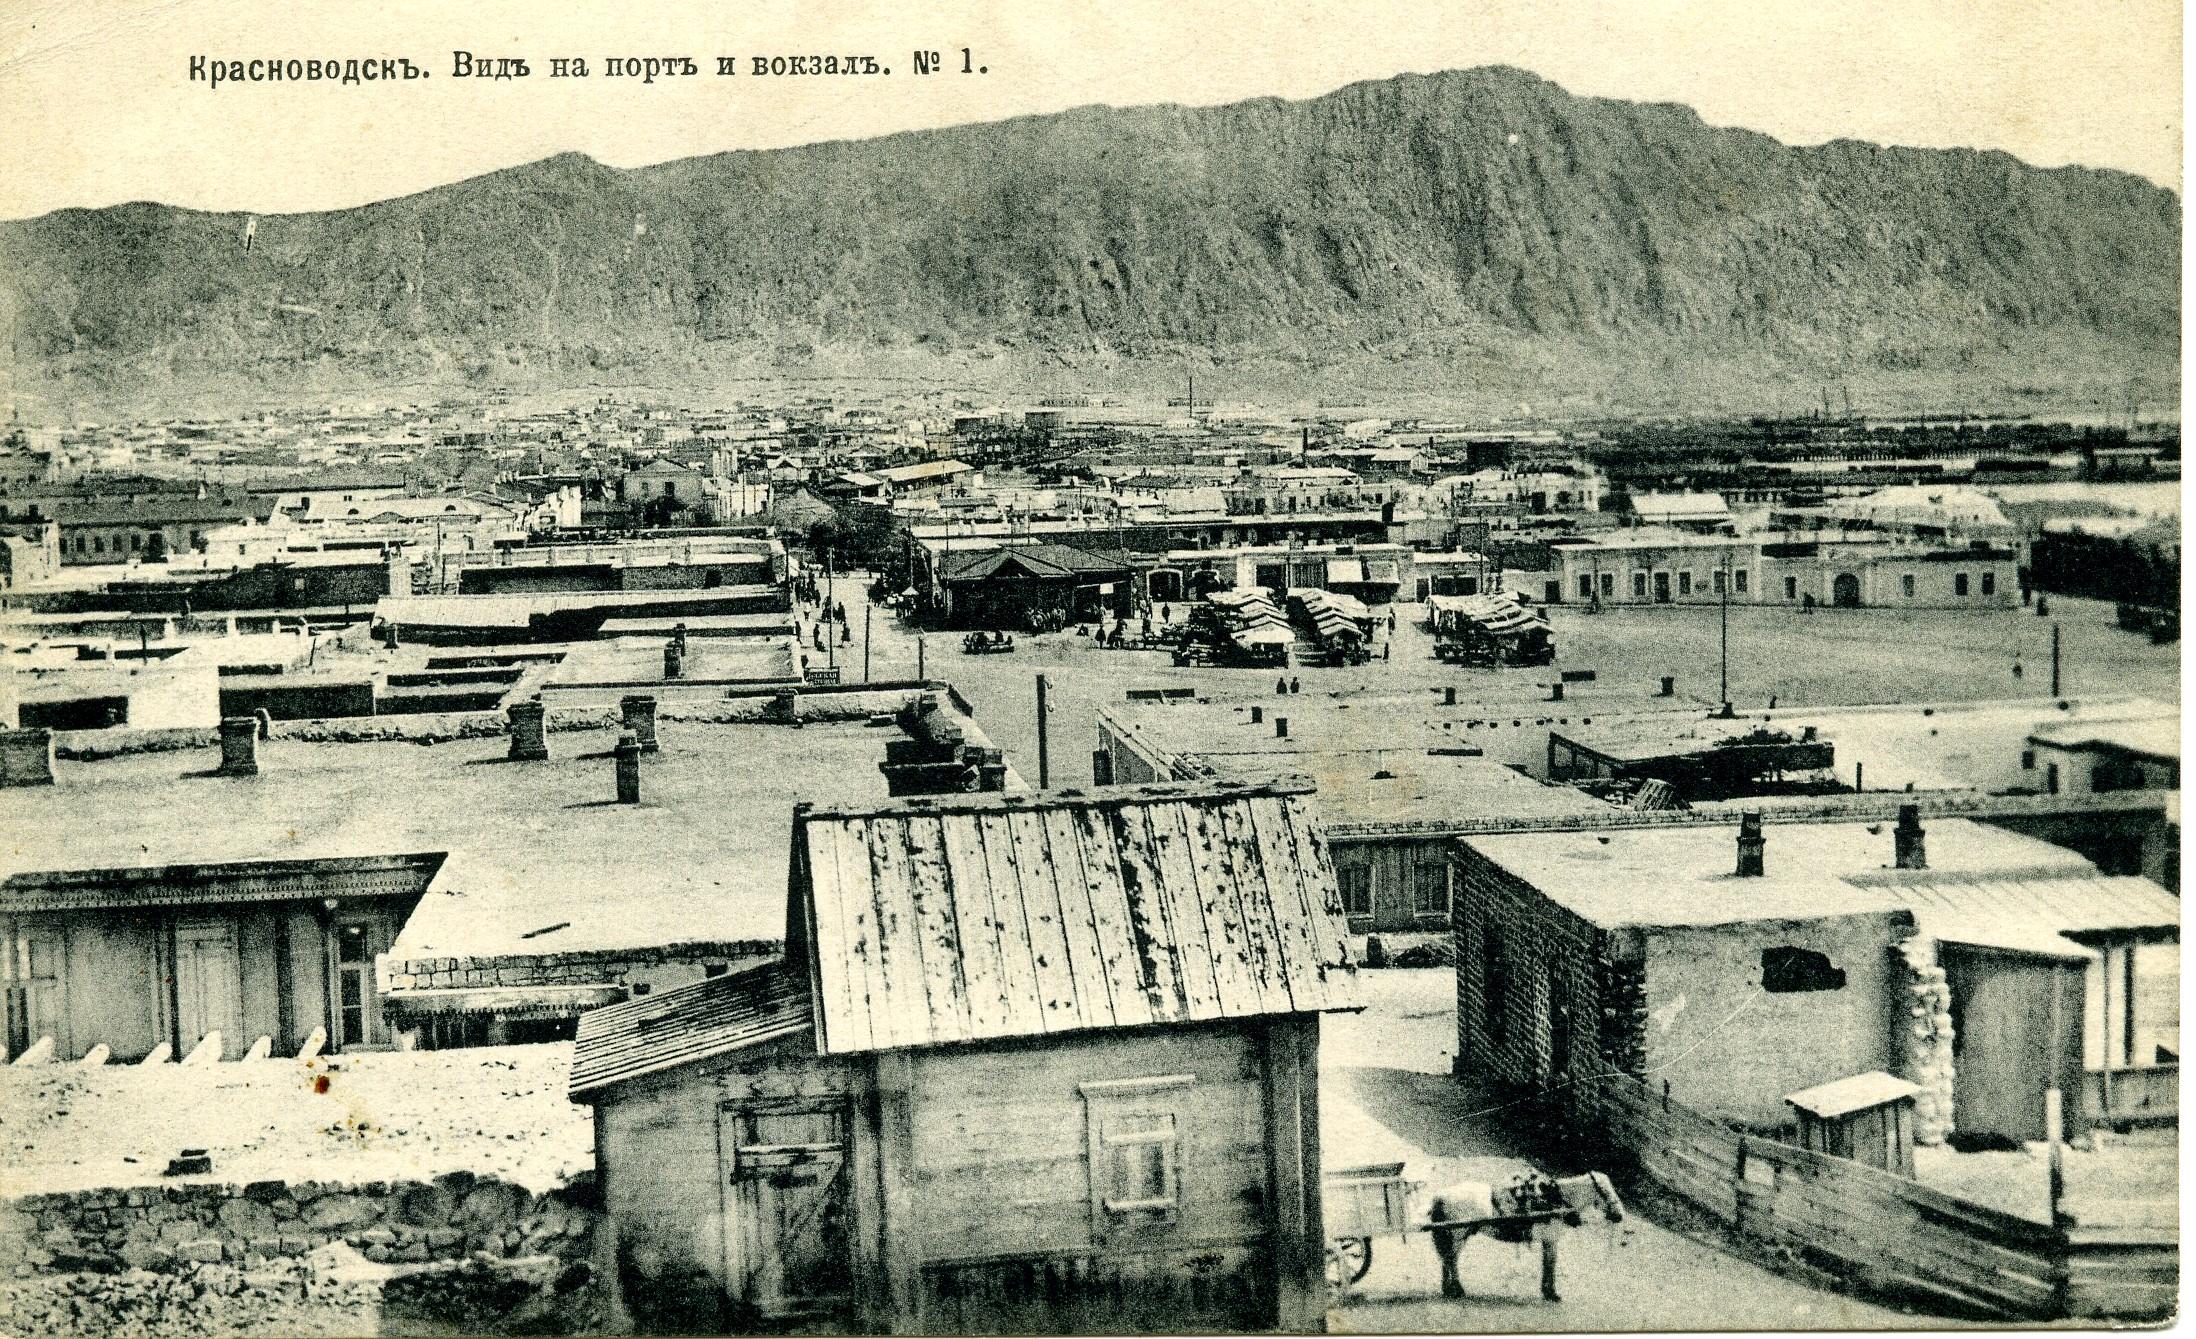 Вид на порт и вокзал